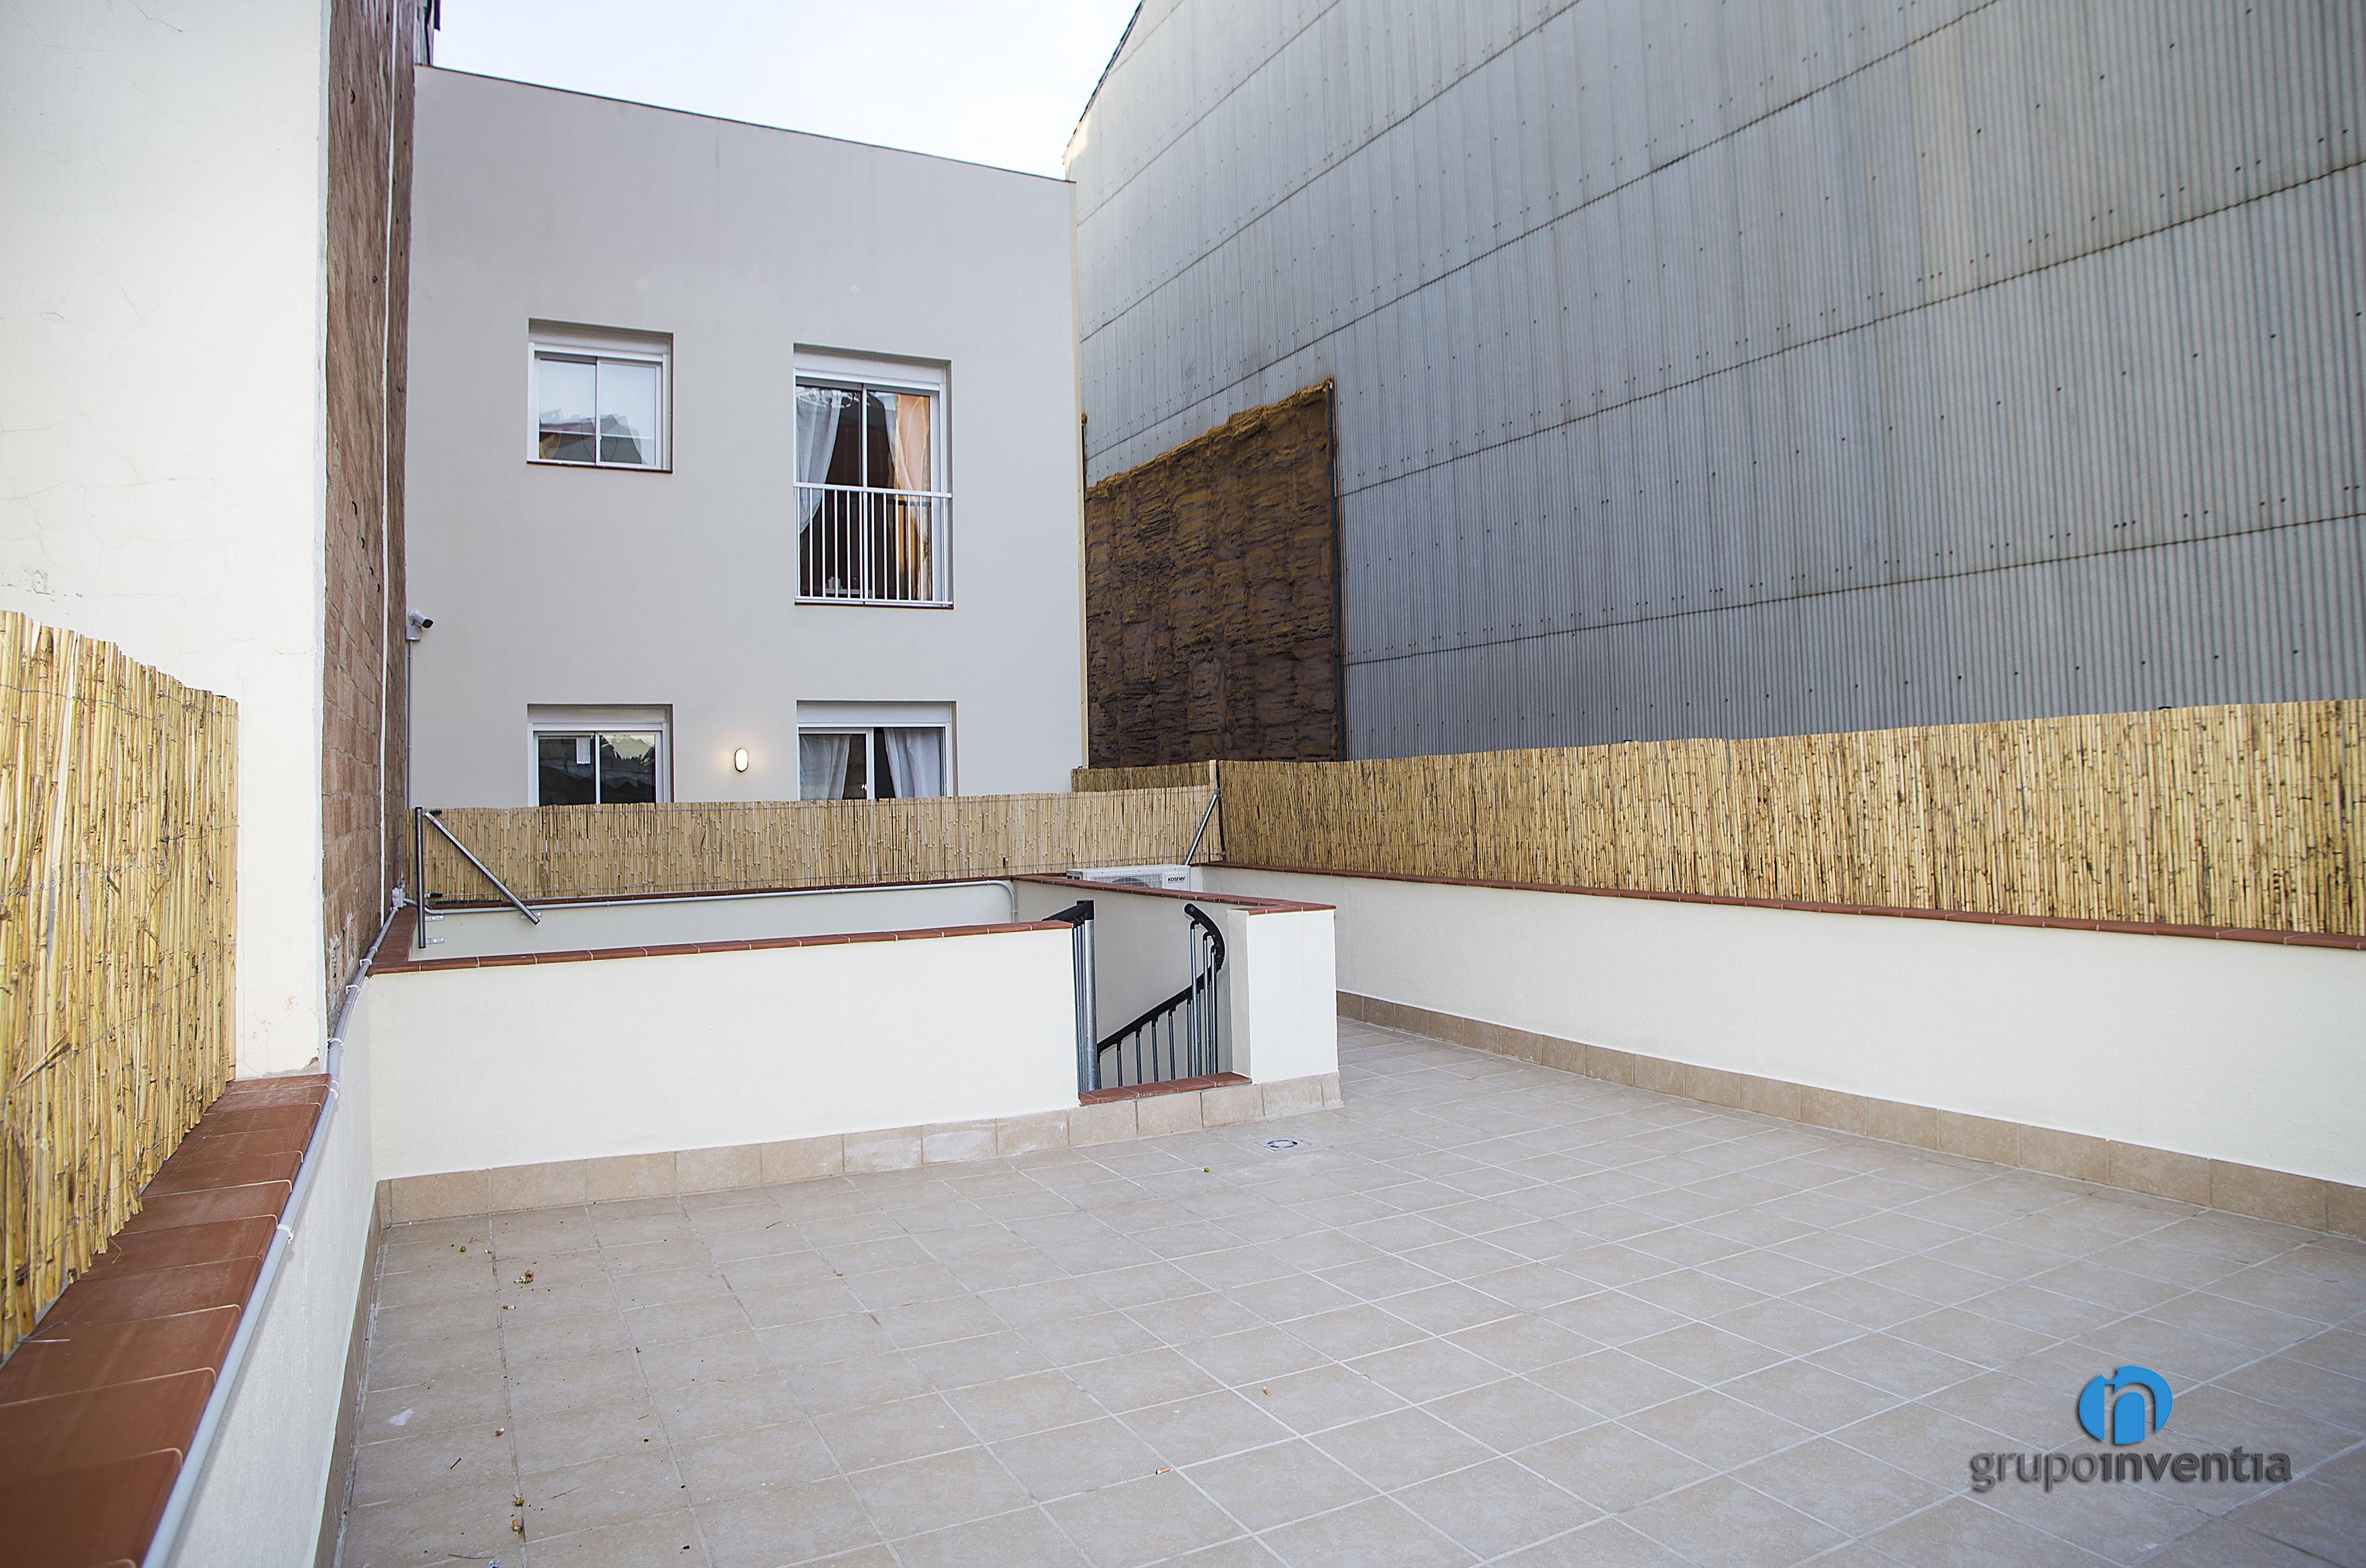 Reforma de terraza en barcelona grupo inventia - Reformas integrales barcelona ...